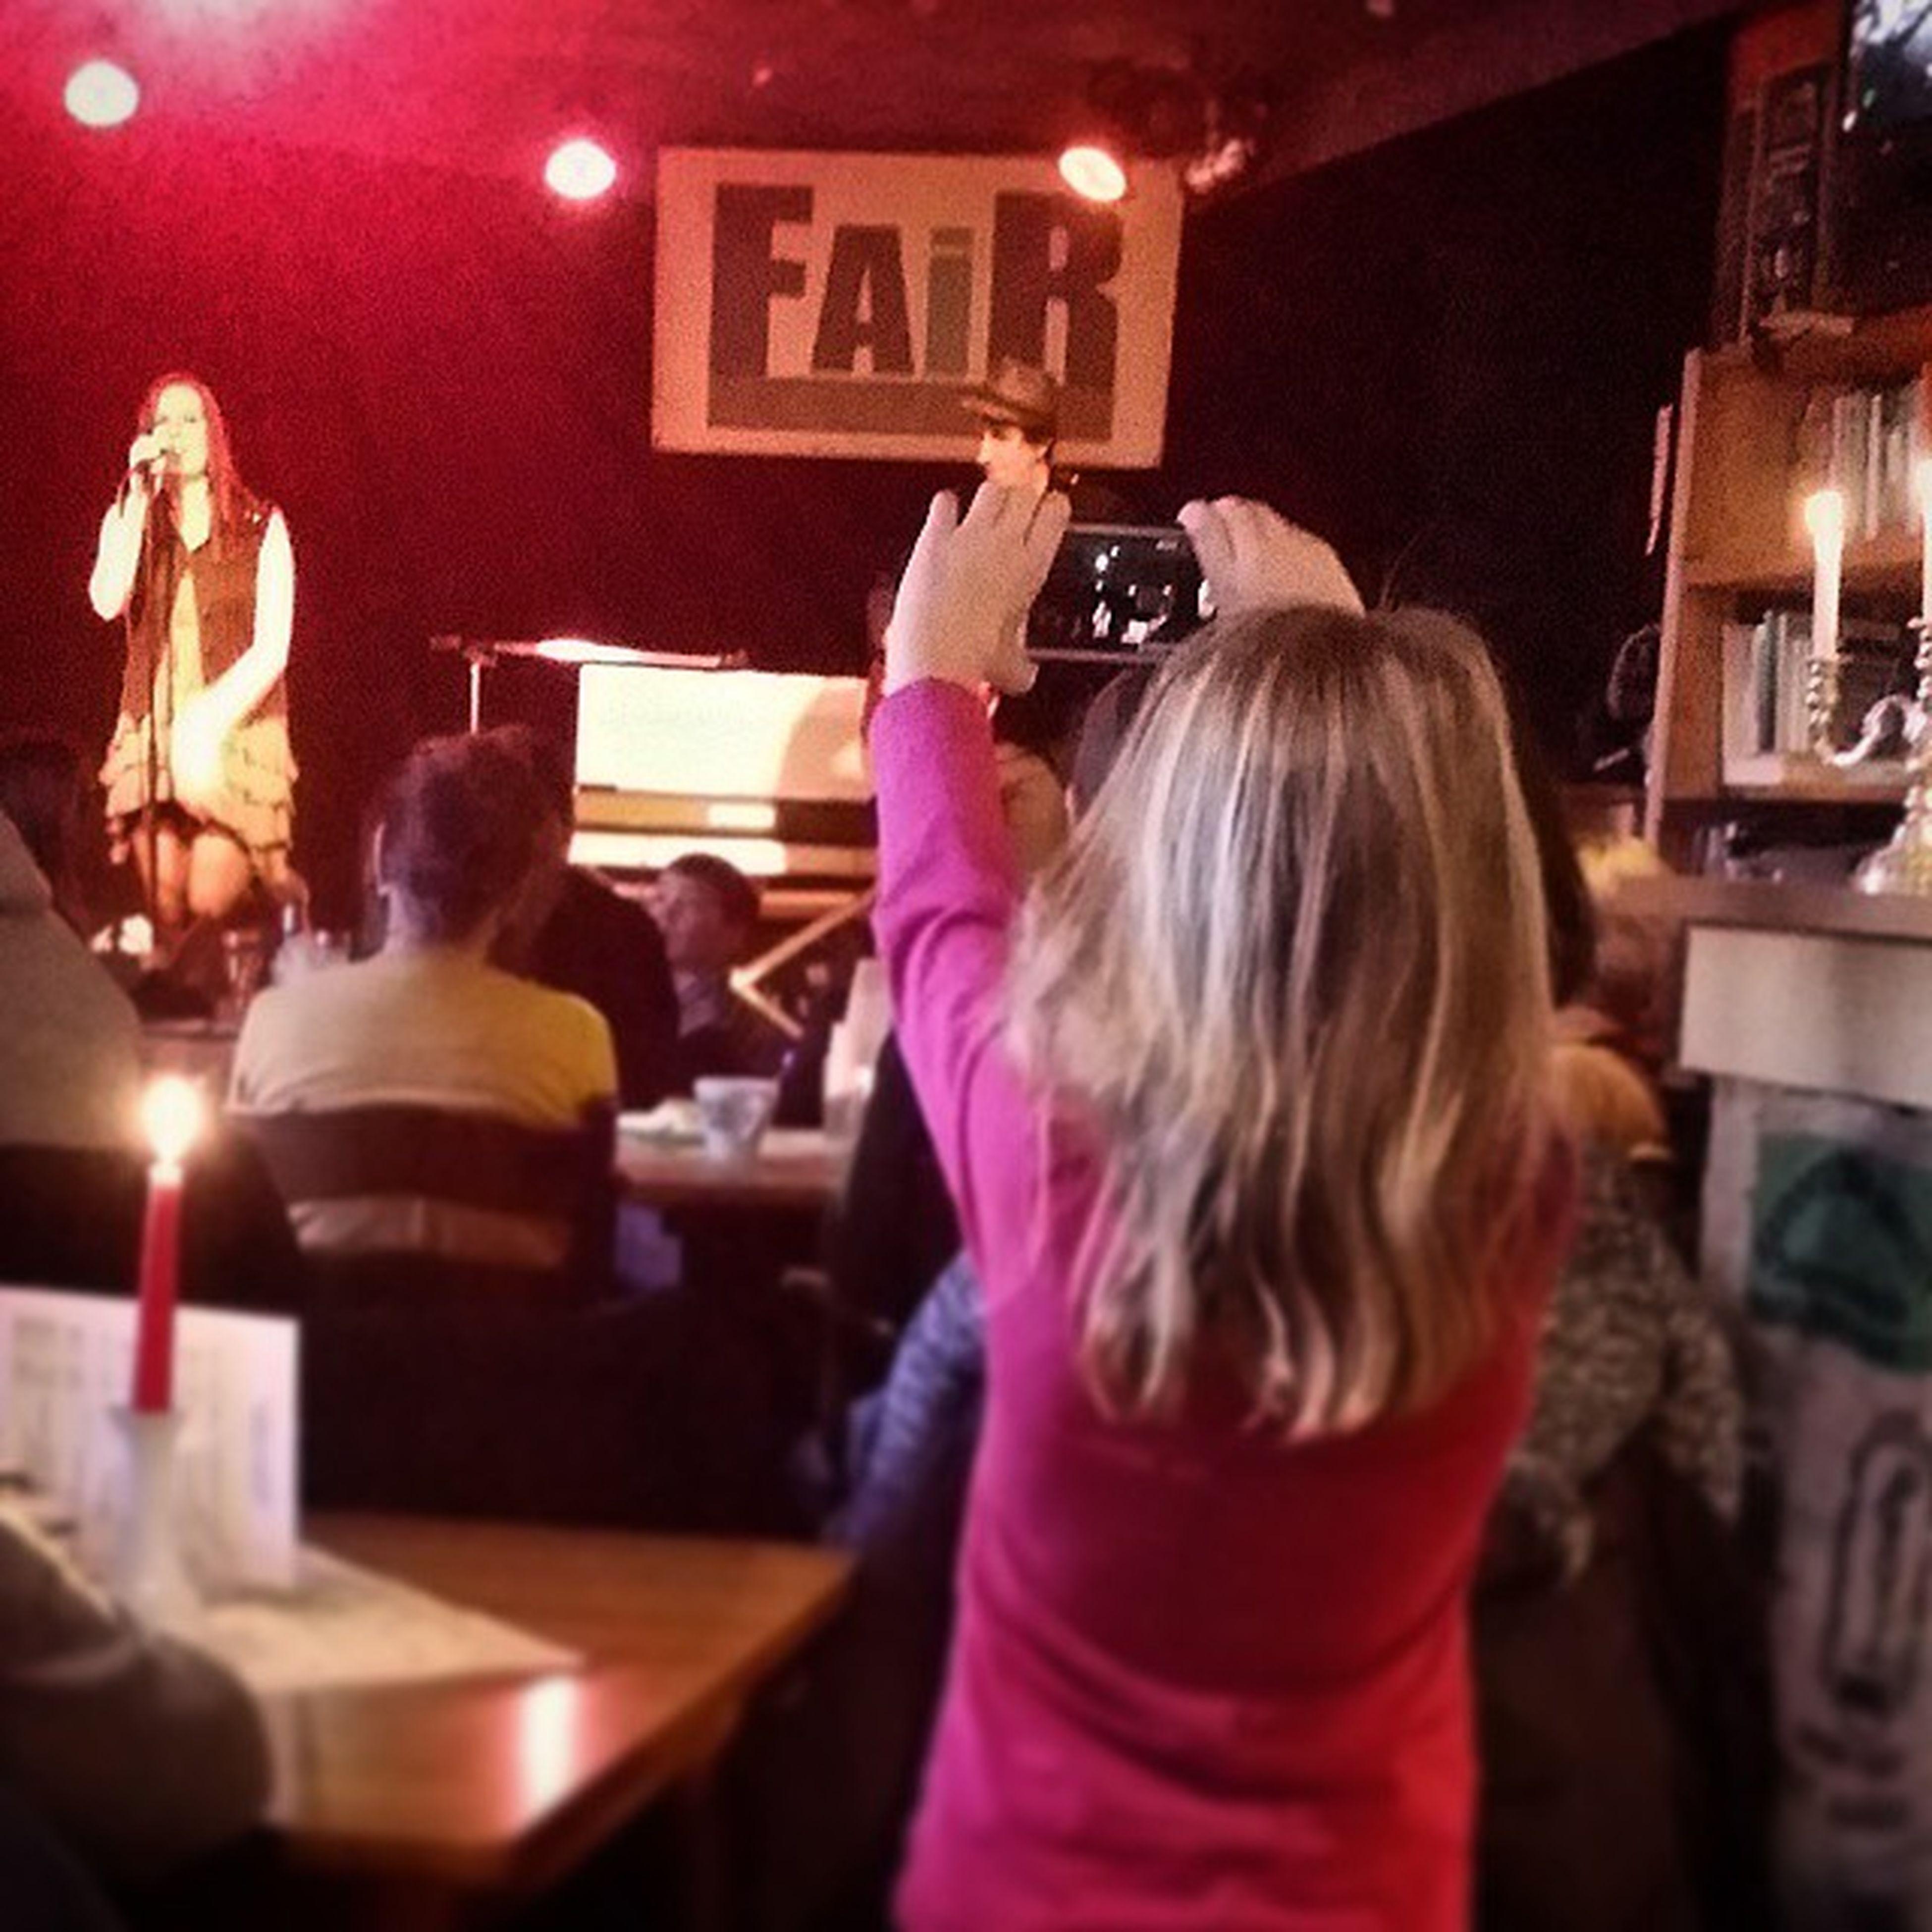 Tolles Musikevent vom @frau.soulshine und Felix im Faircafe Schortens genossen. Danke ;) Anniesoulshine Nakieken Ostfriesland Livemusik Girl